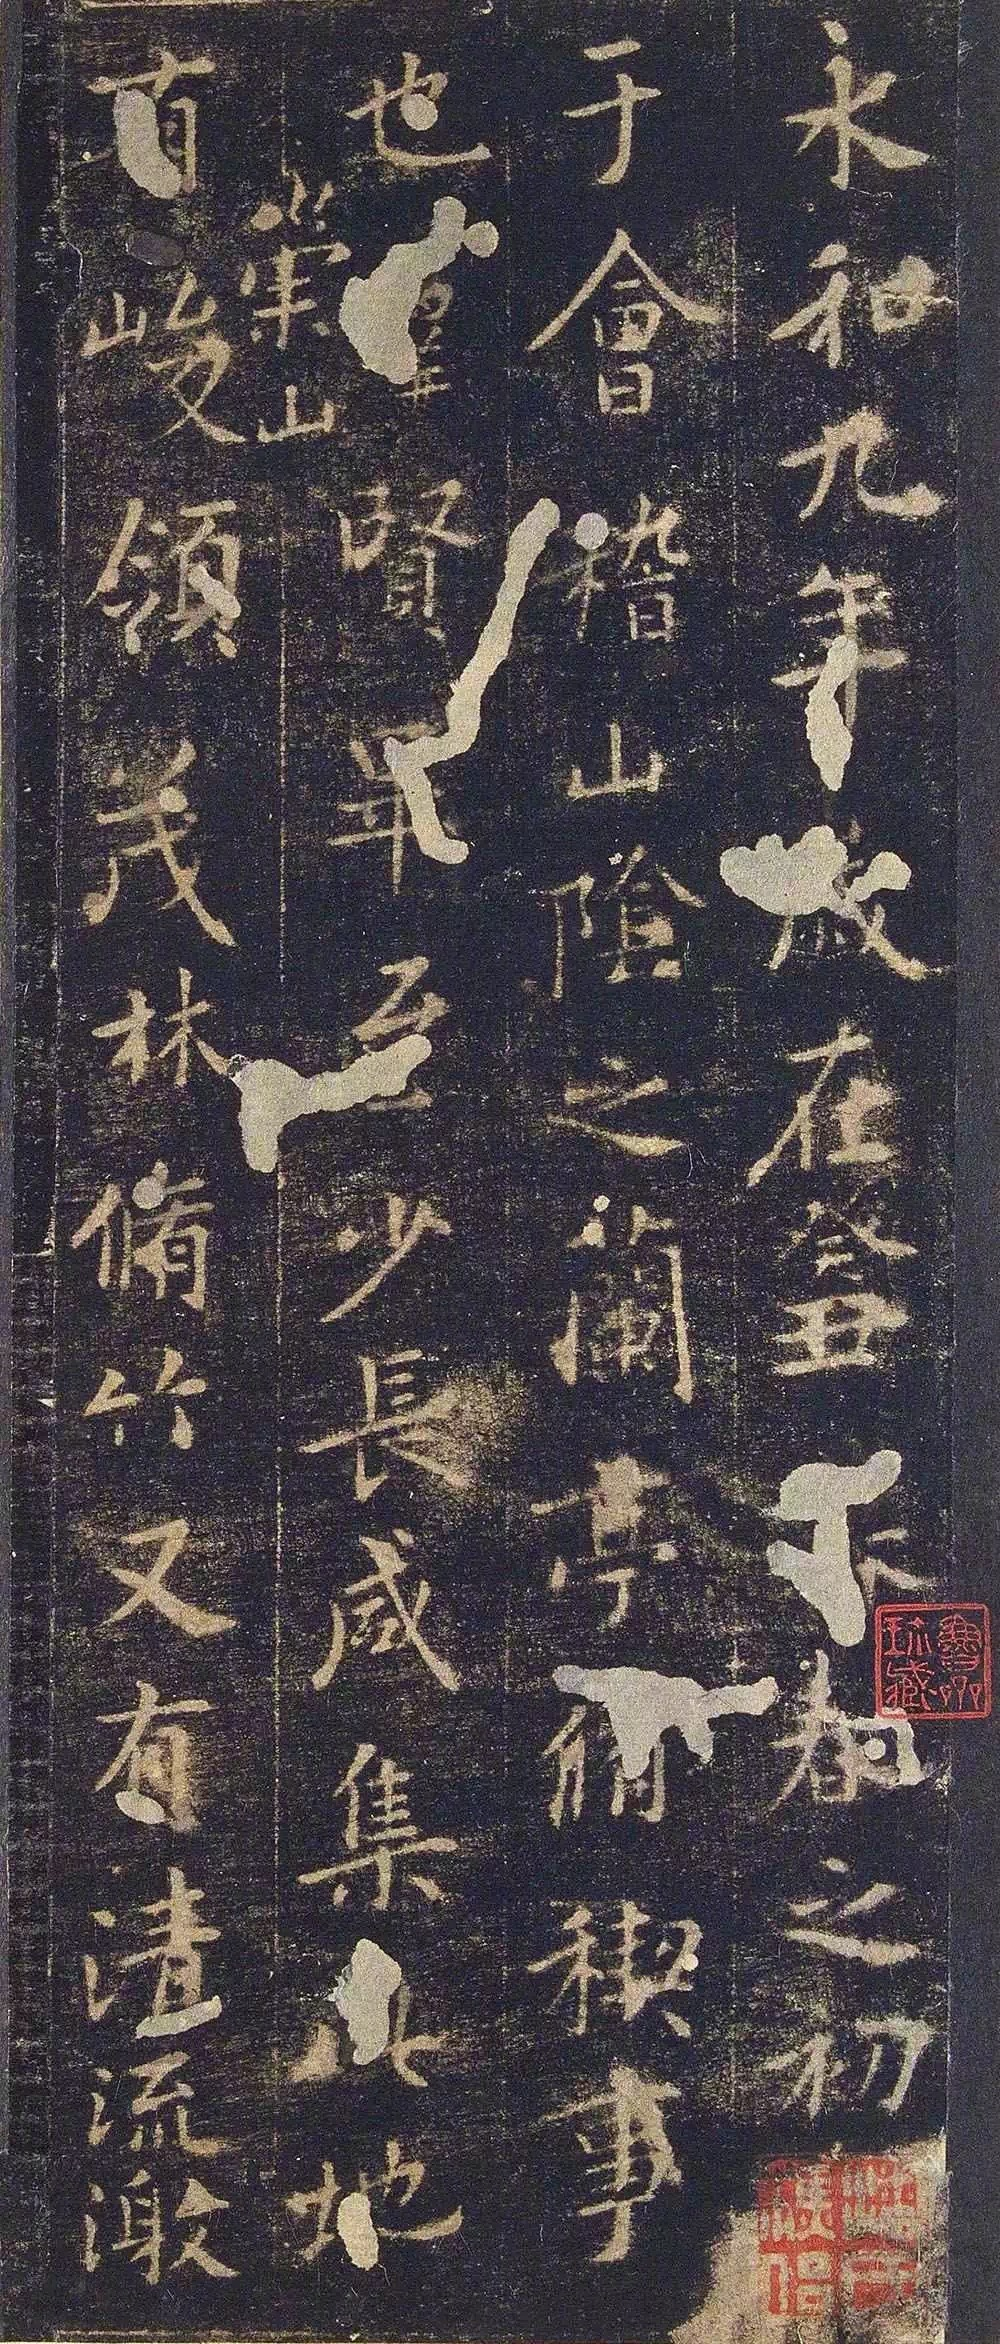 《兰亭序》定武本是唐代大书法家欧阳询的临本